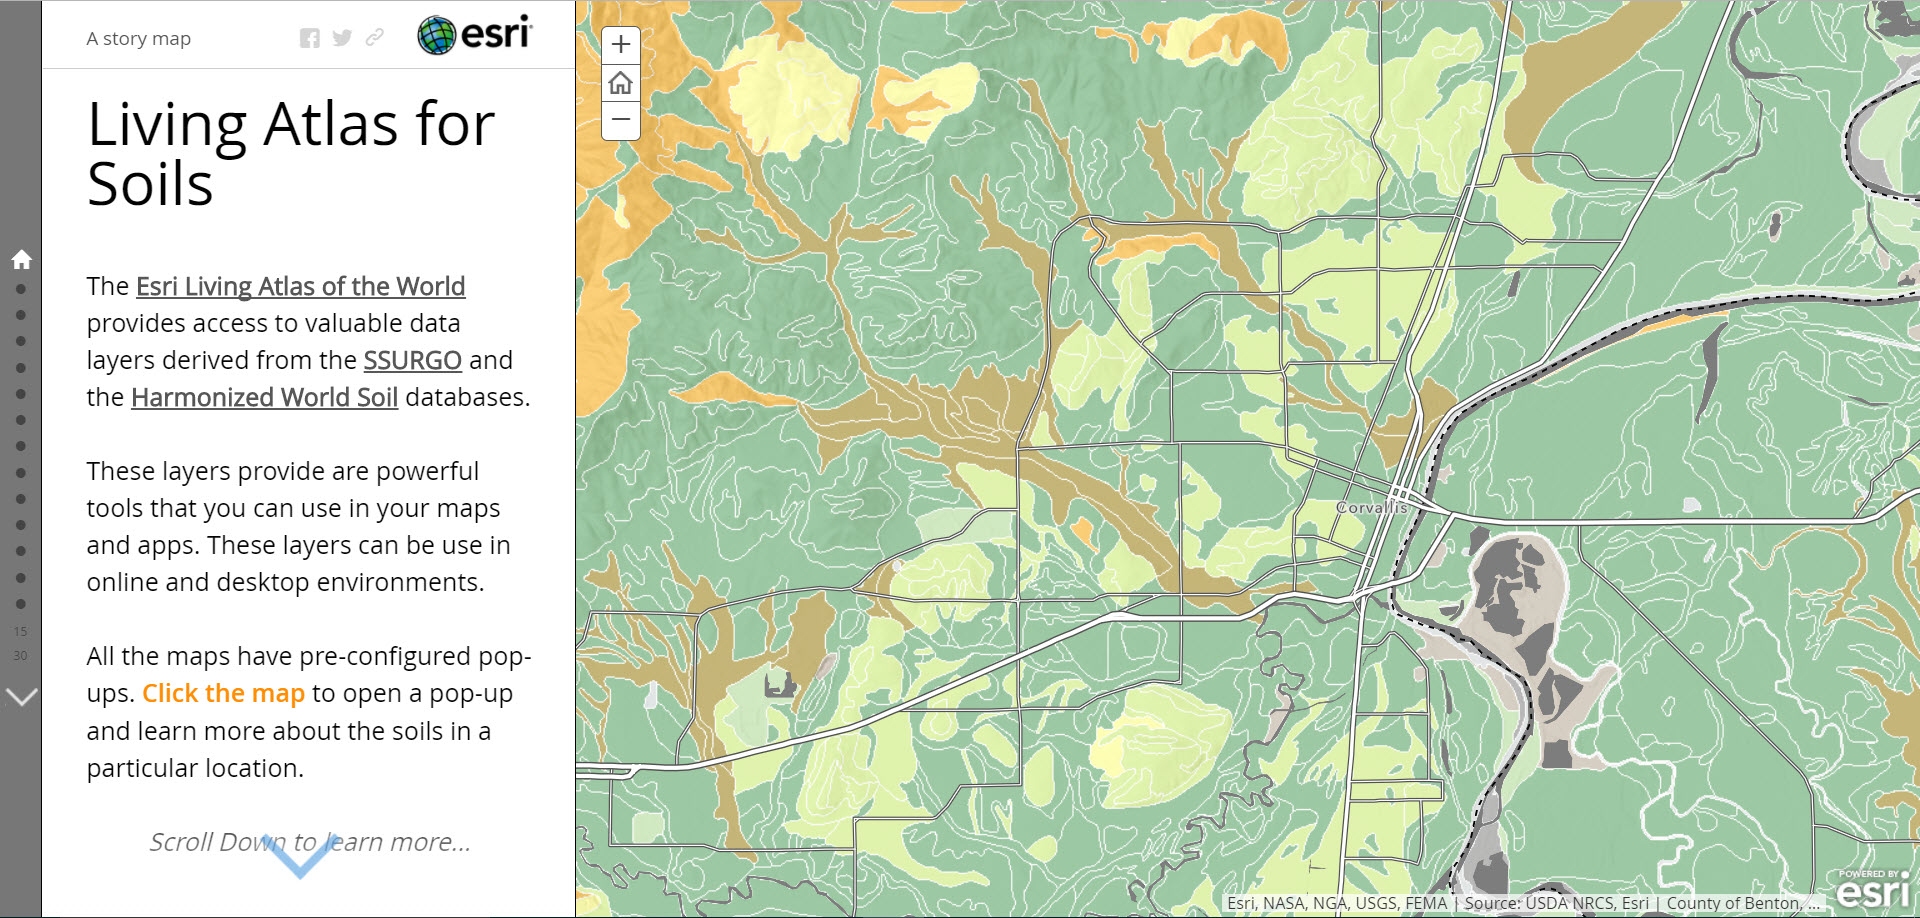 Living Atlas for Soils Story Map